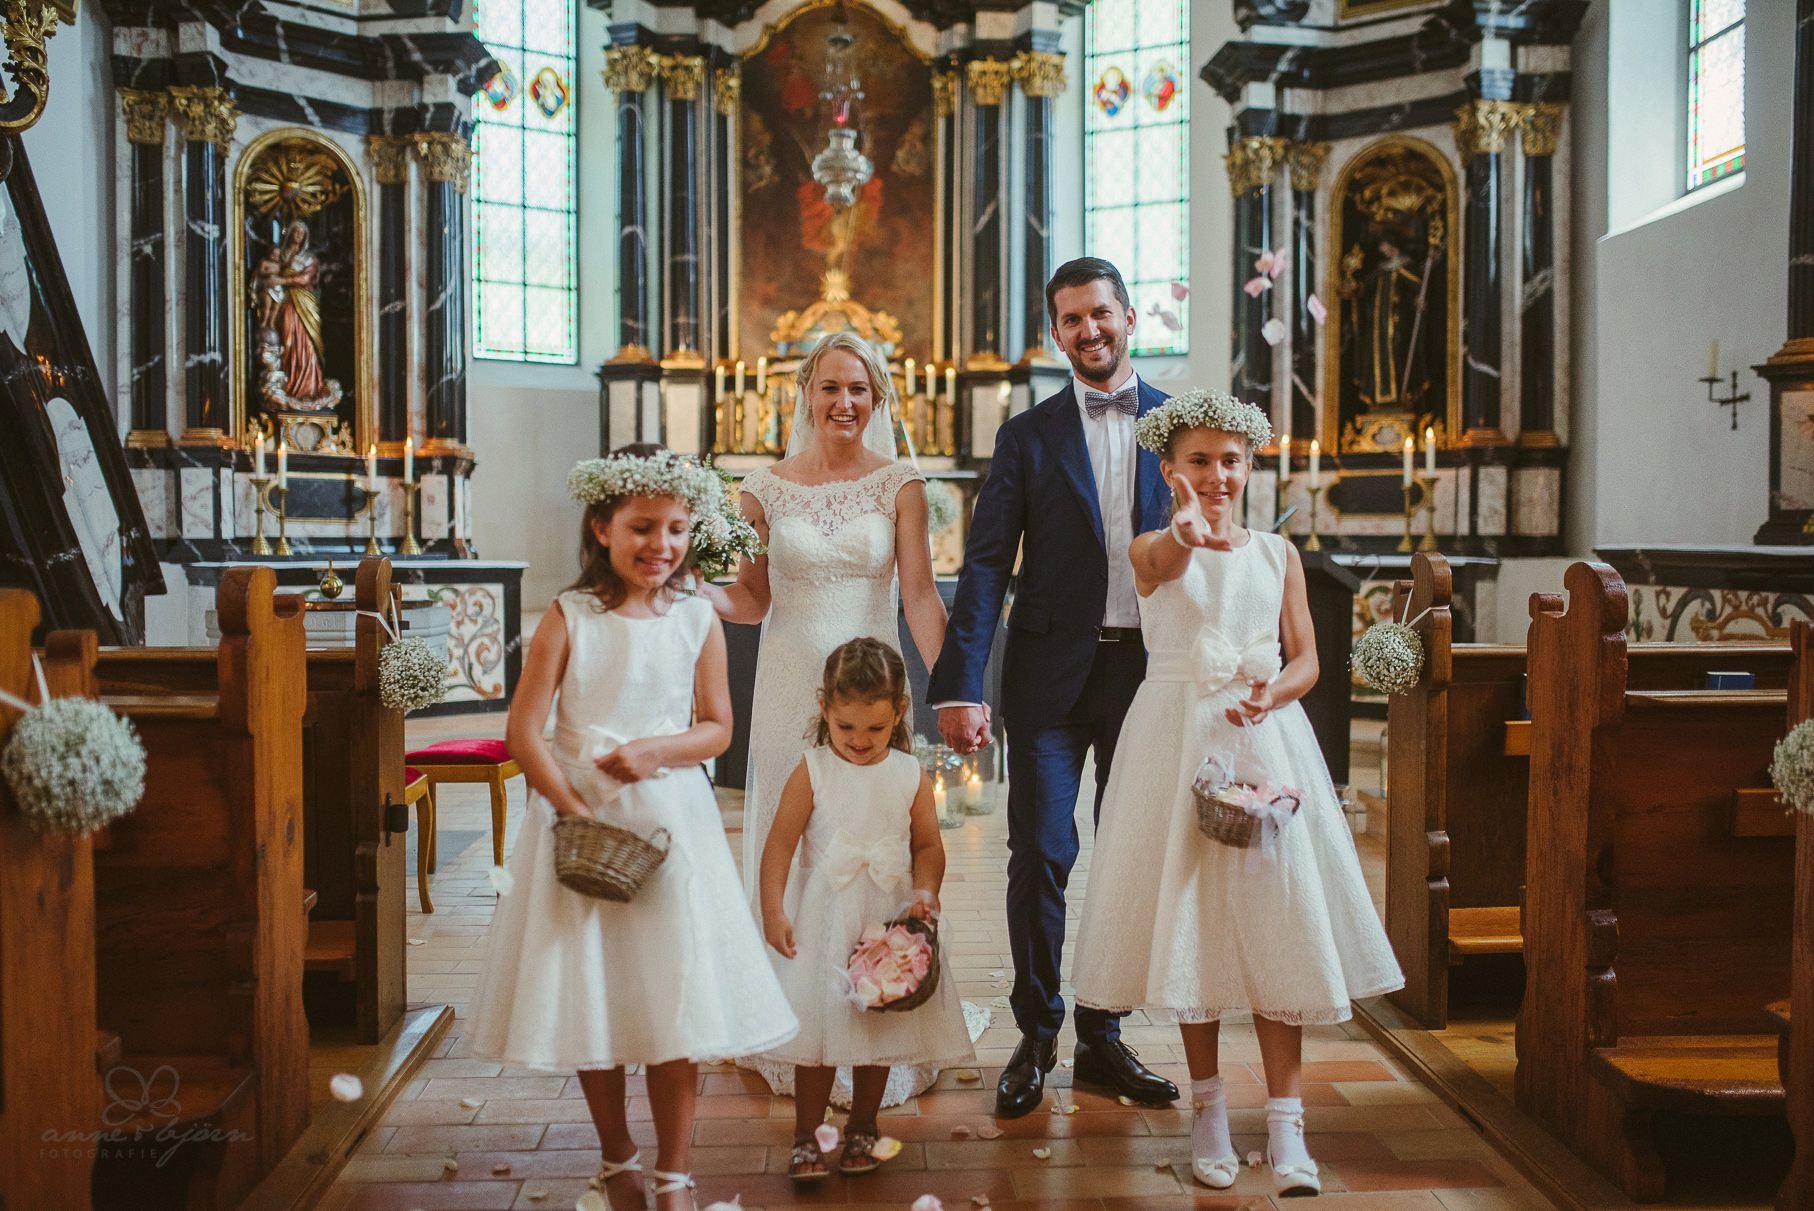 0054 anne und bjoern hochzeit schweiz d75 0210 - DIY Hochzeit in der Schweiz - Sabrina & Christoph